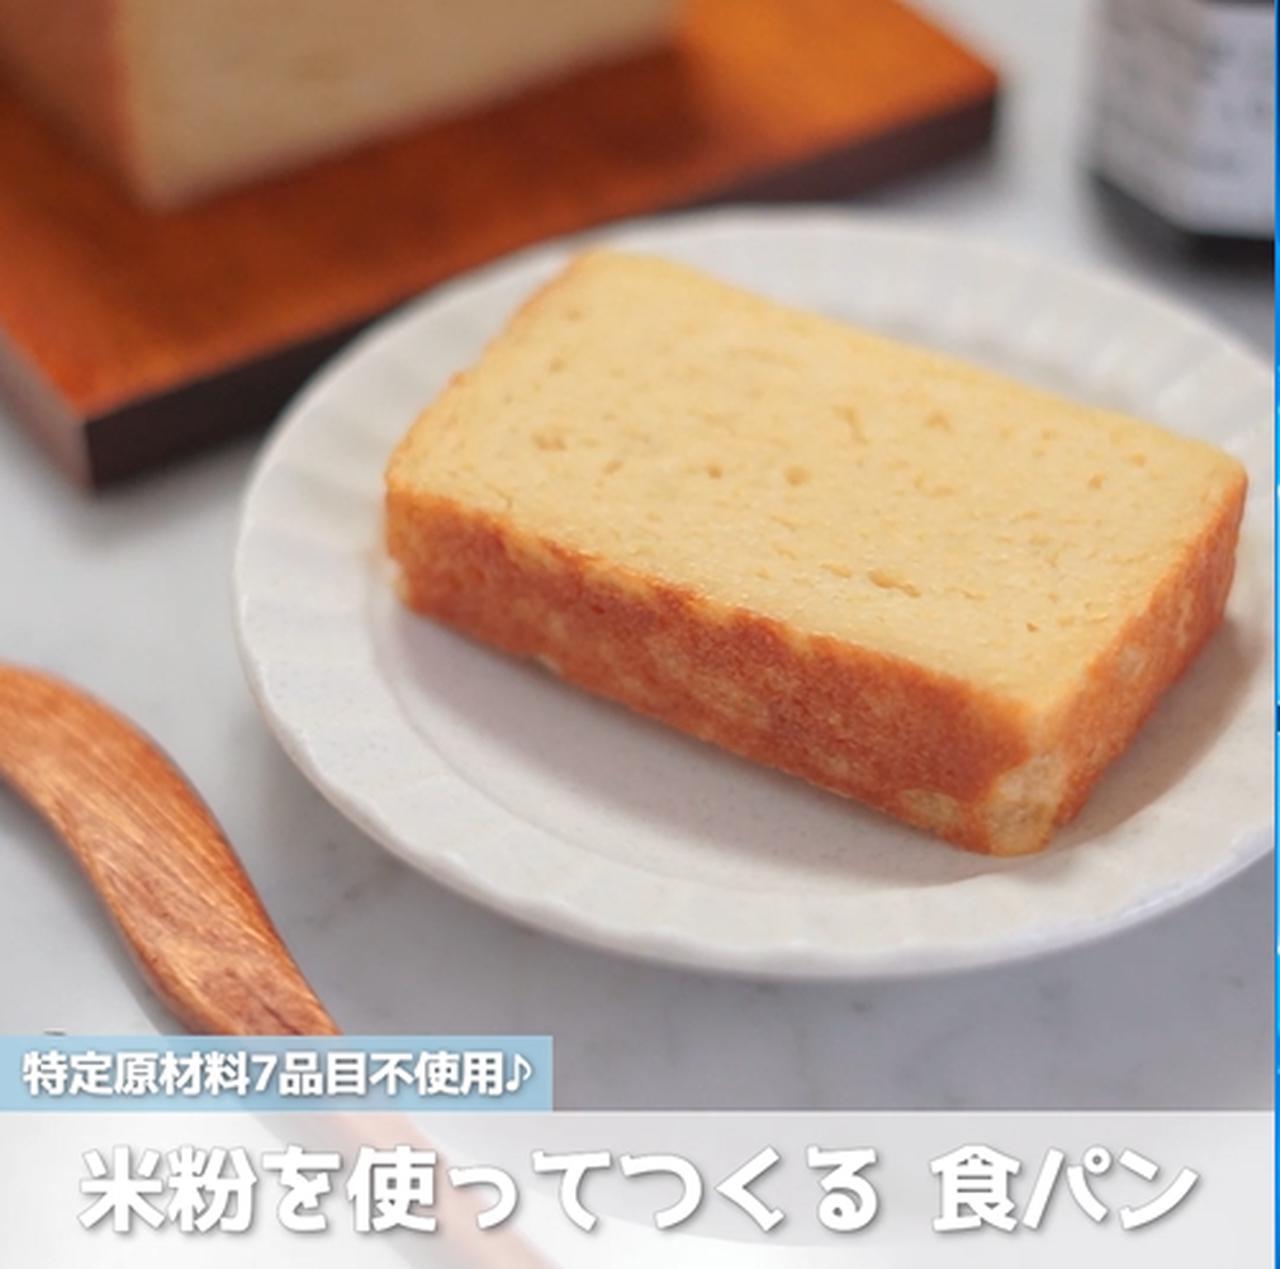 画像: 米粉を使って作る食パン - 君とごはん